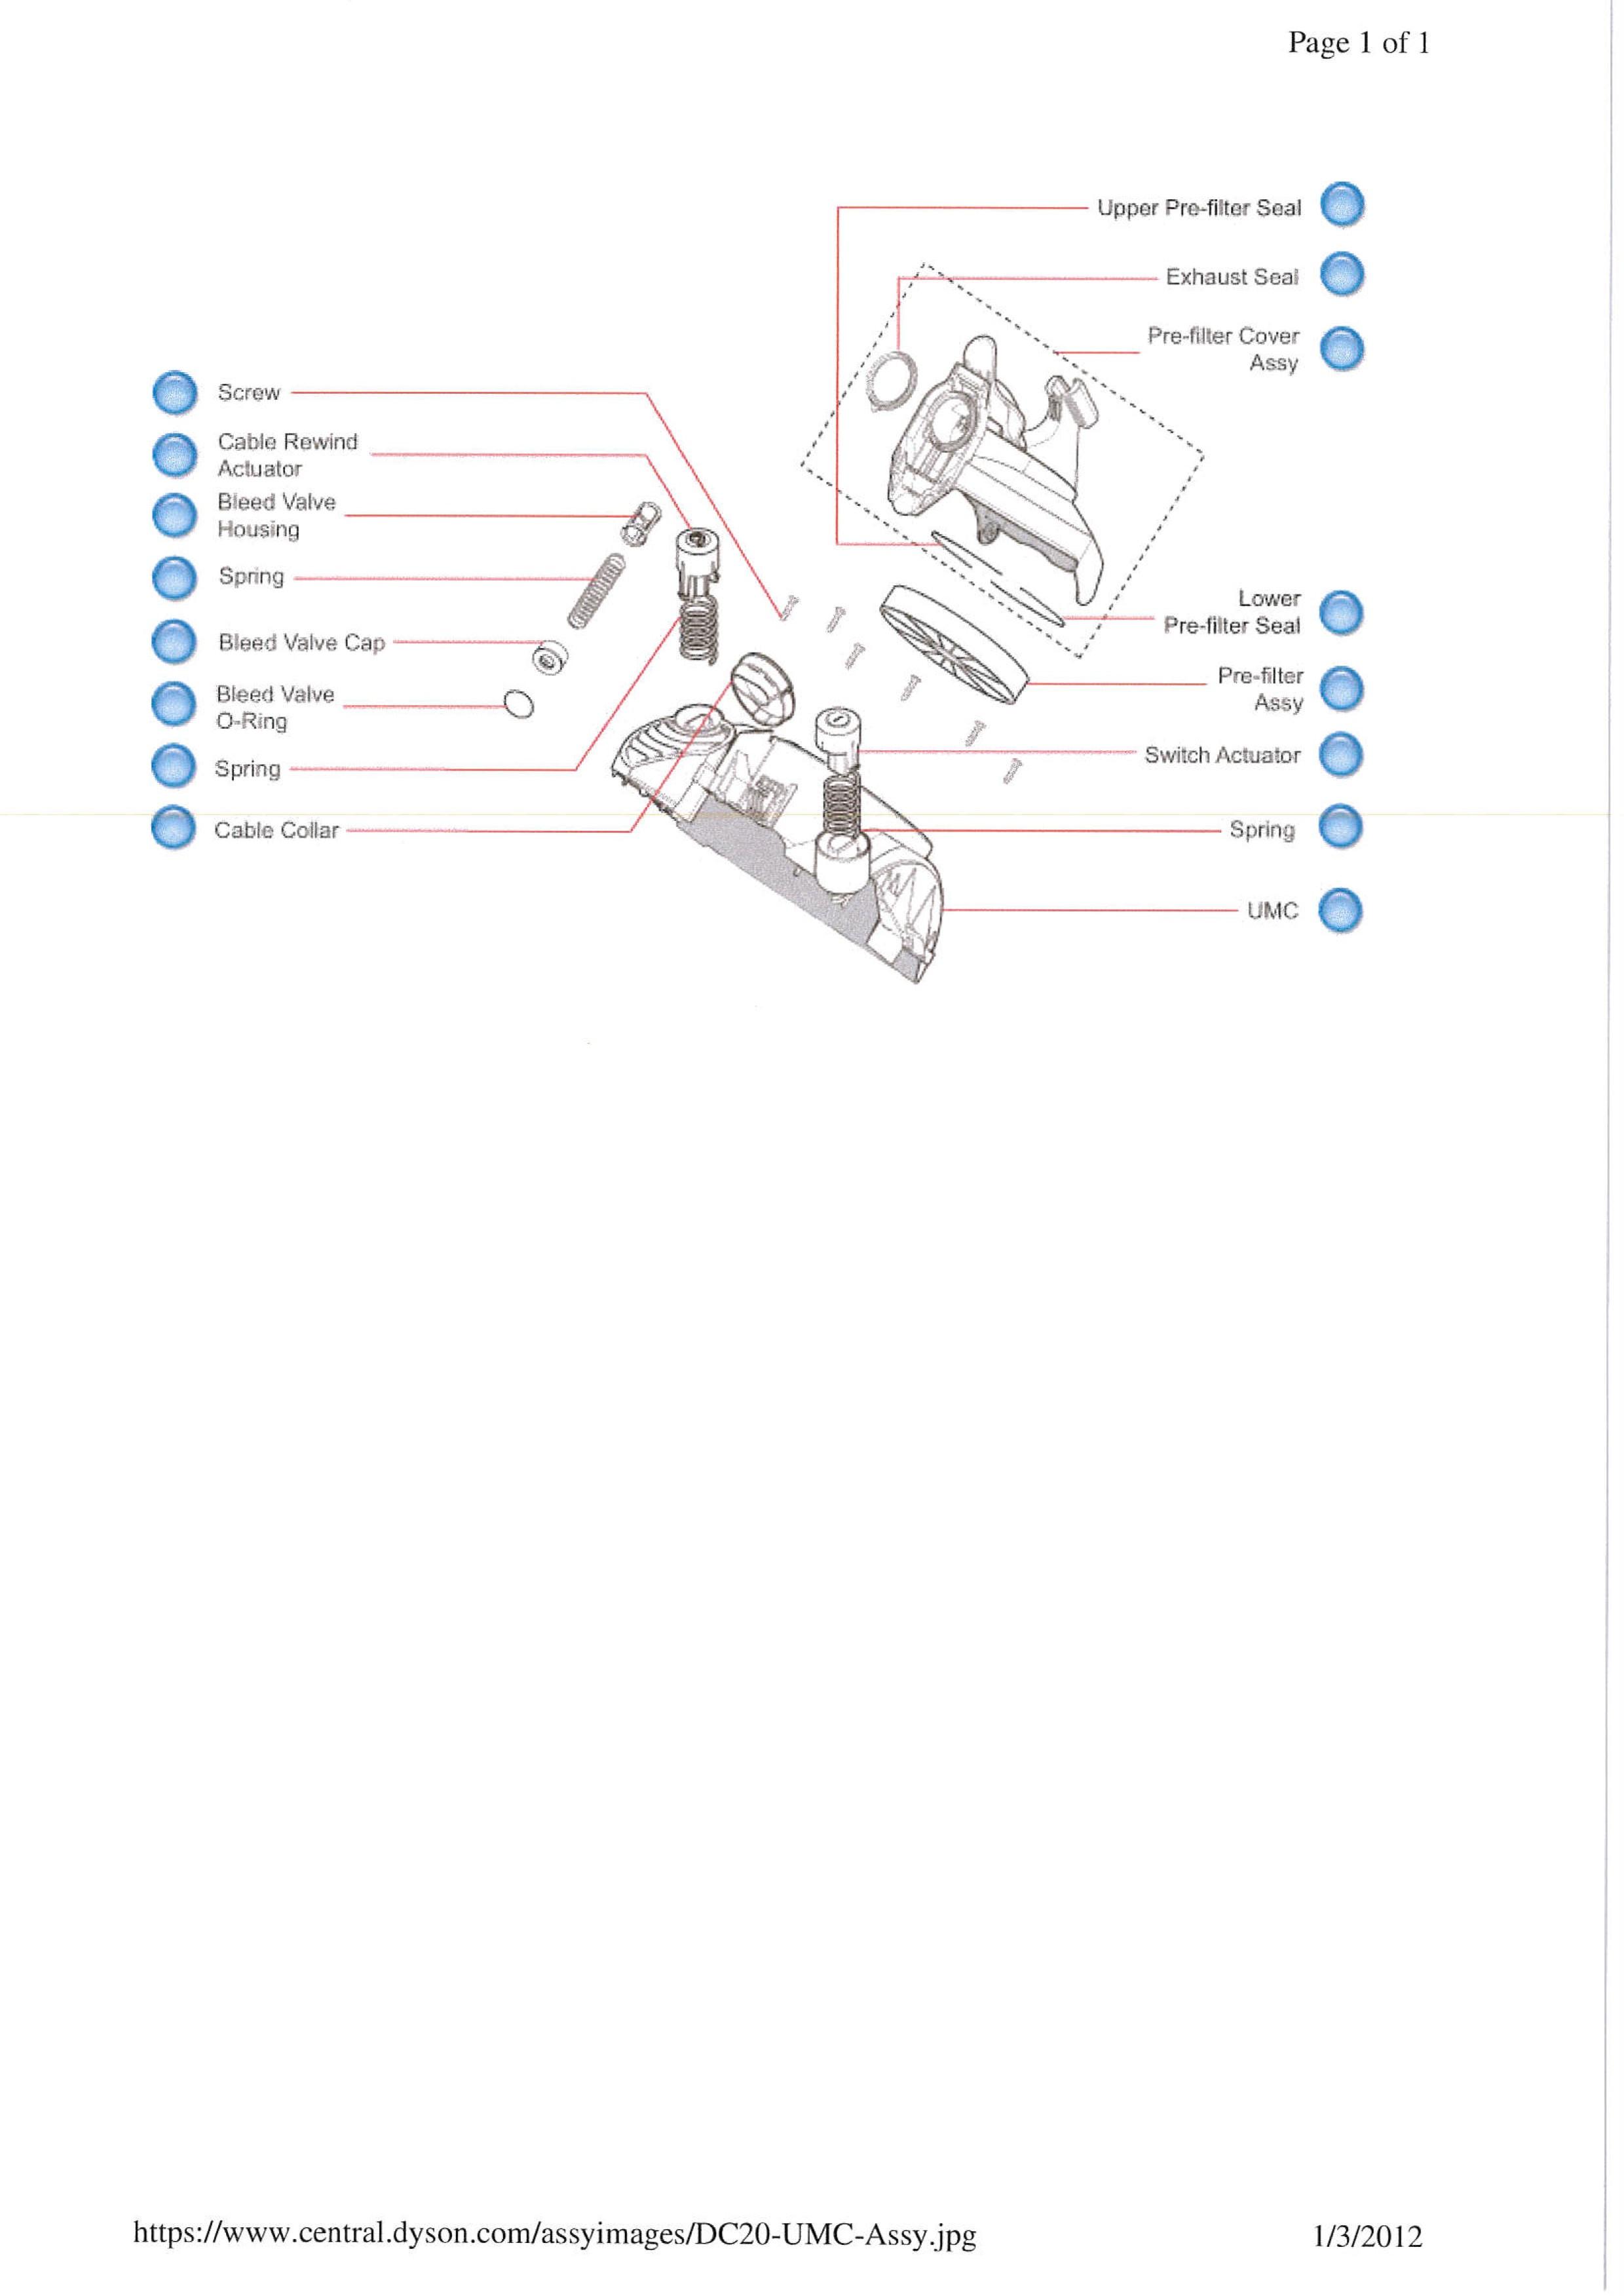 Dyson Dc24 Parts Diagram Explosionszeichnung Für Ihren Dyson Dc20 Of Dyson Dc24 Parts Diagram